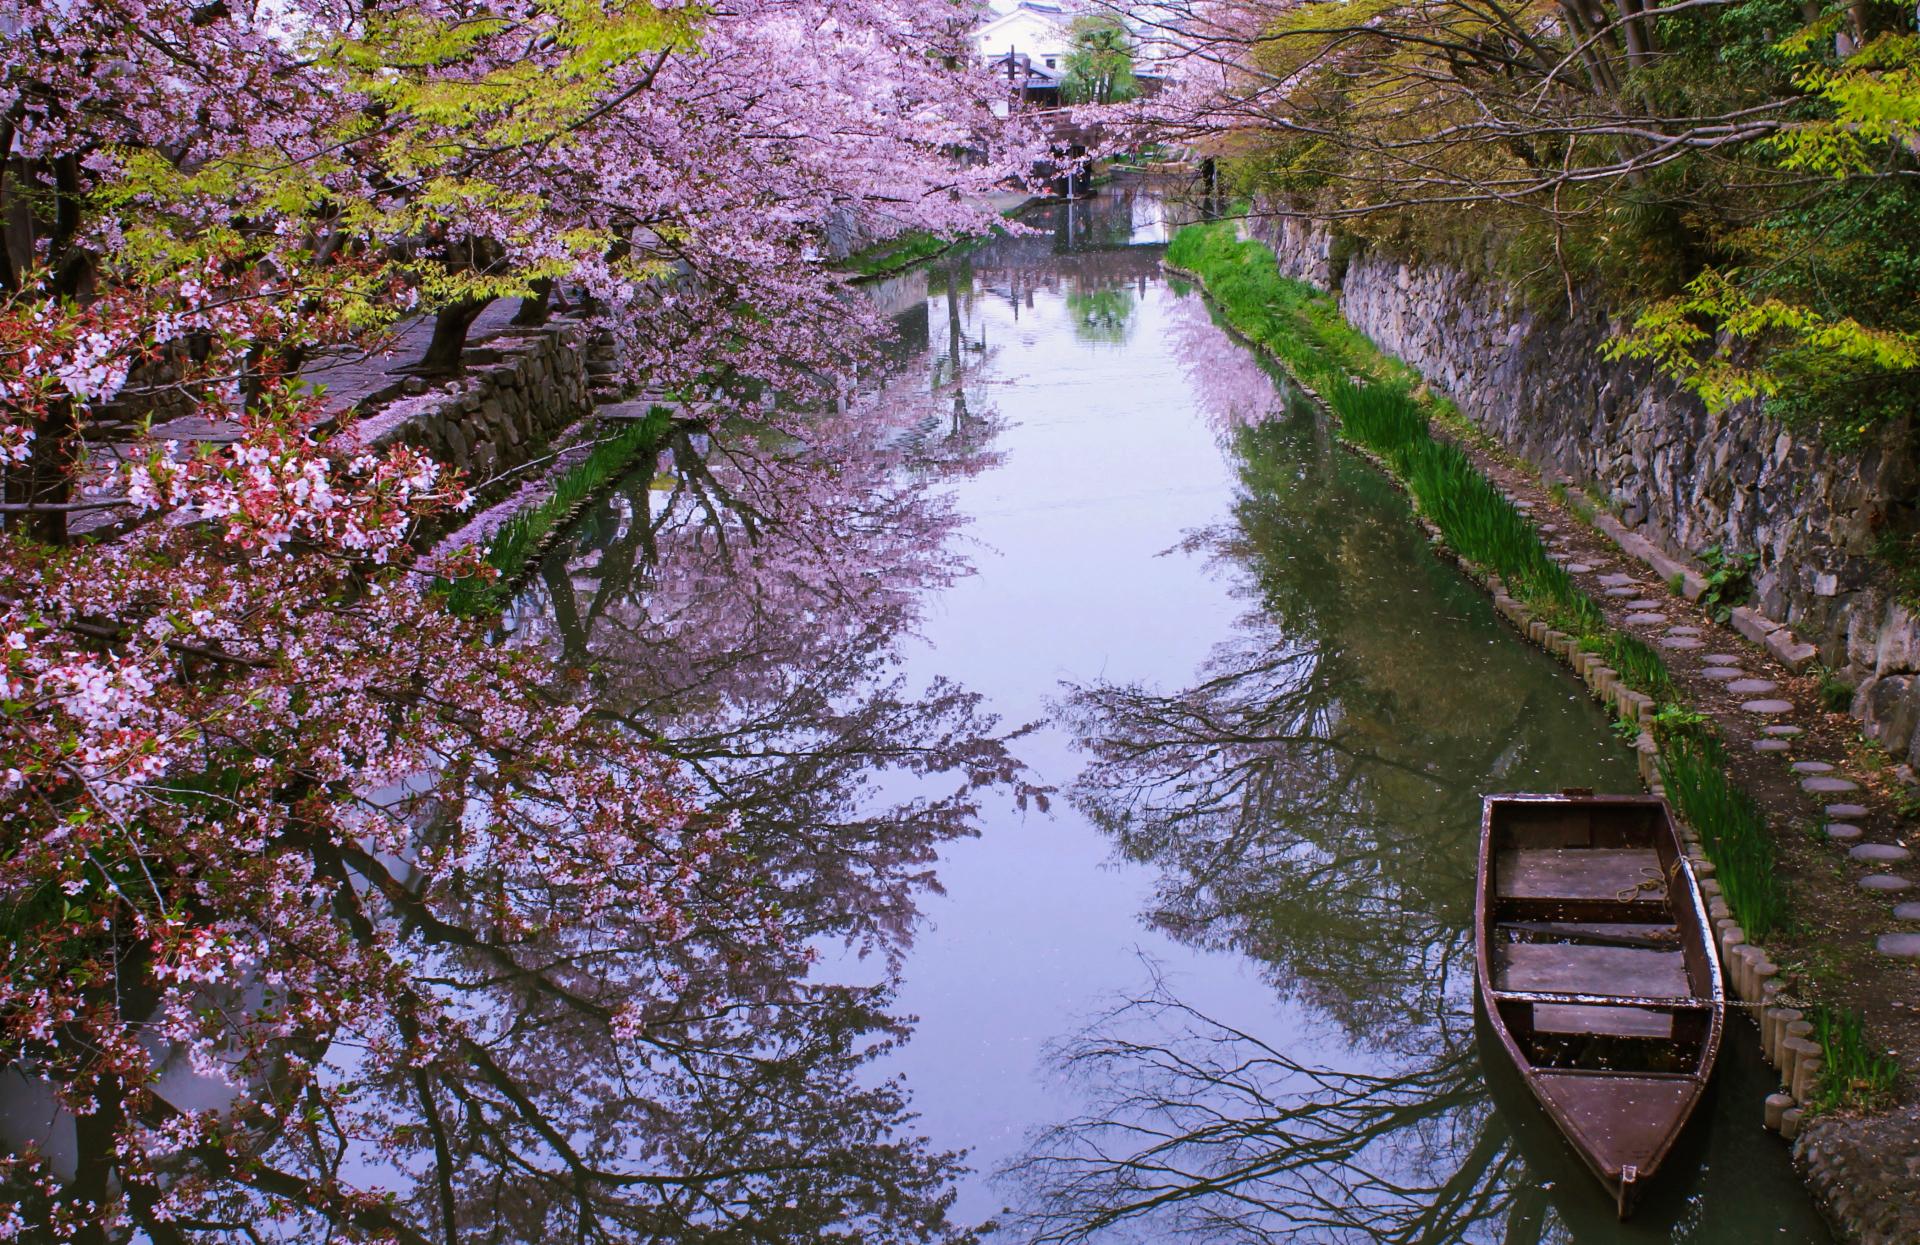 2641250_m 滋賀県  近江八幡 八幡堀(桜と和舟の景色に日本の風情を感じる春におすすめの桜スポット! 写真の紹介、アクセス情報や駐車場情報など)